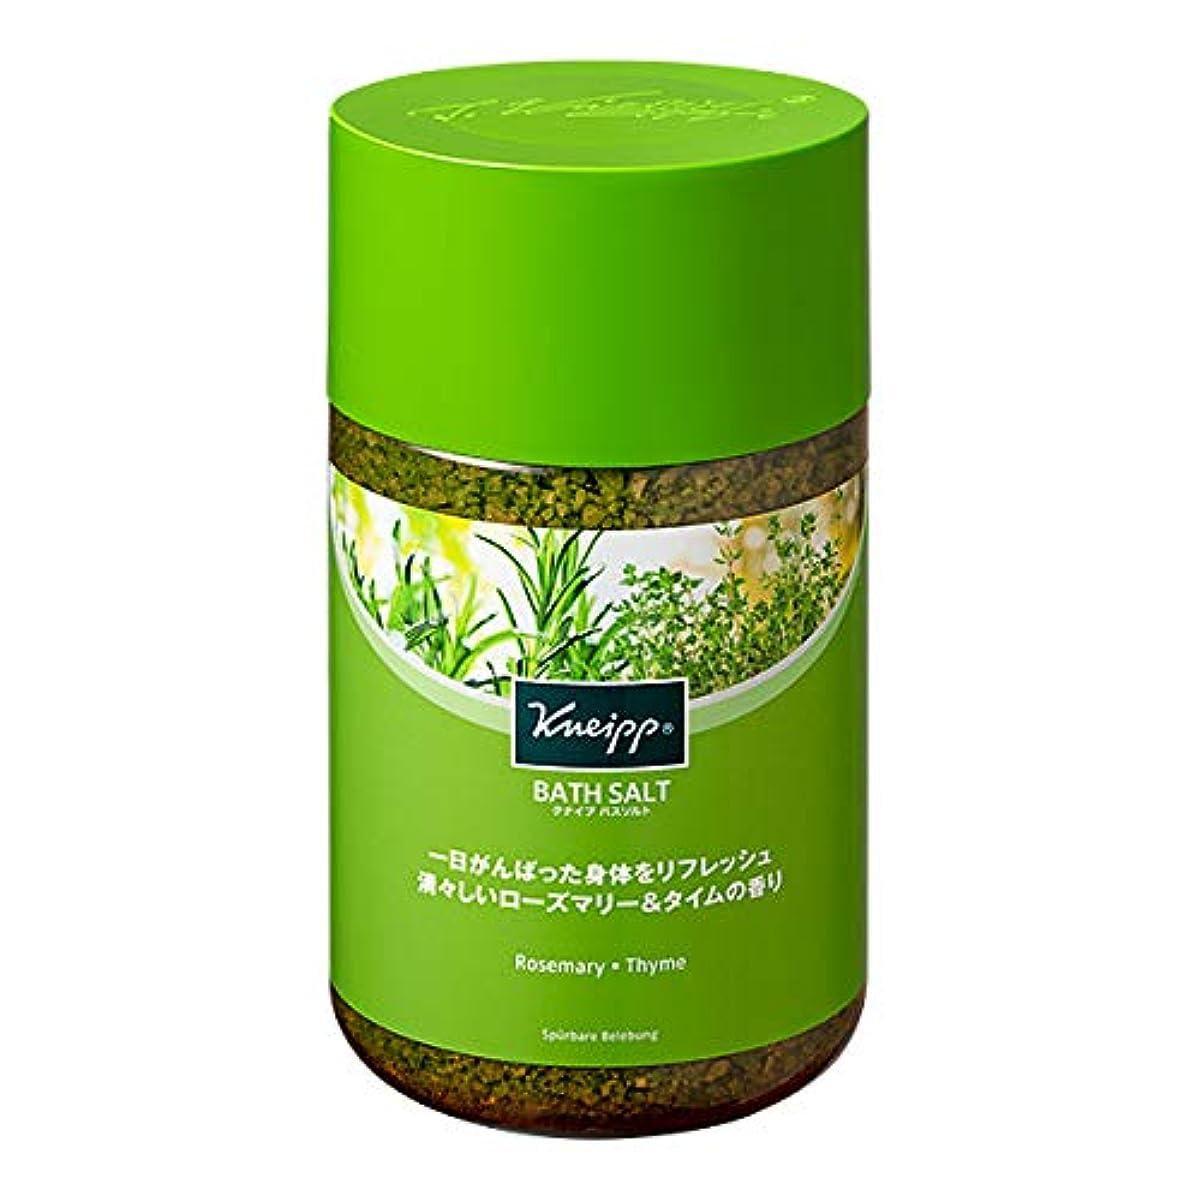 ファンタジー混乱インタフェースクナイプ(Kneipp) クナイプ バスソルト ローズマリー&タイムの香り850g 入浴剤